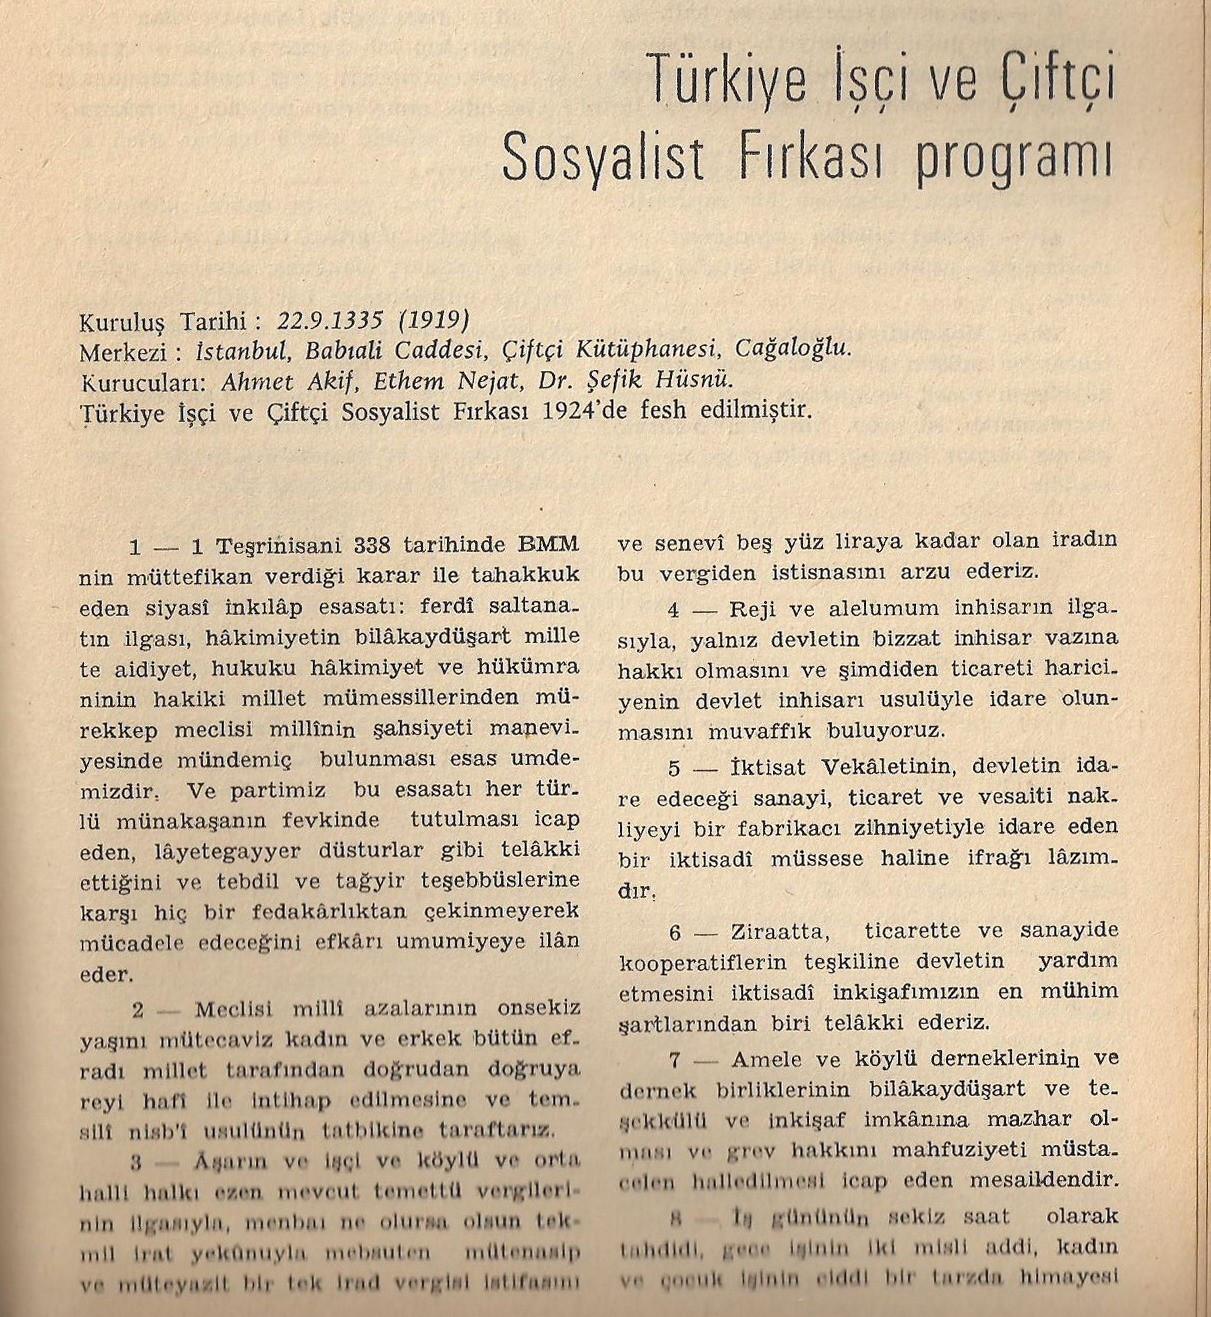 Türkiye İşçi ve Çiftçi Sosyalist Fırkası Programı